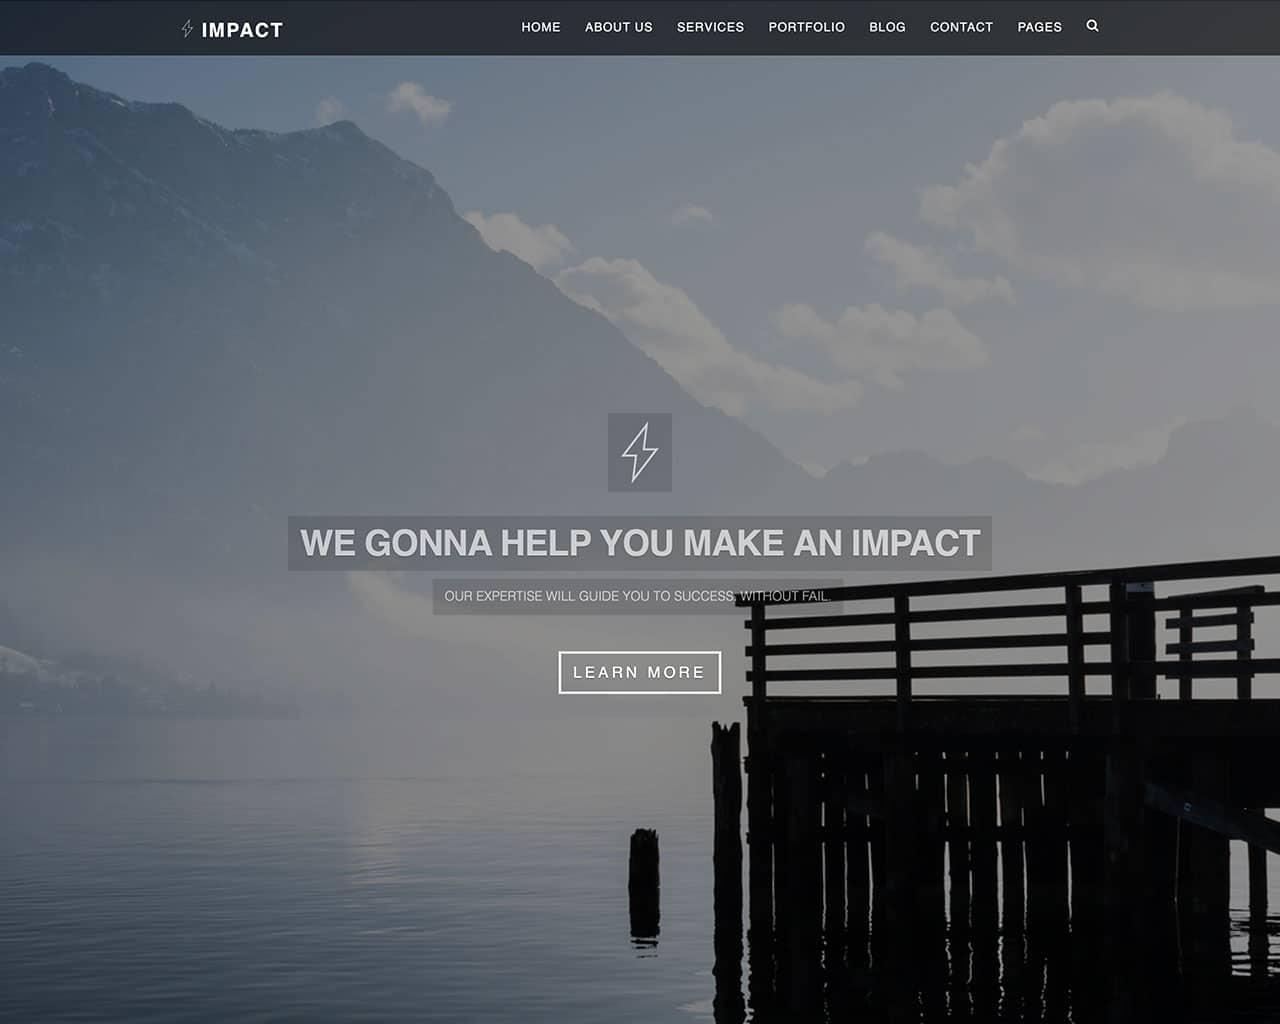 Impact – Multipurpose Responsive Template